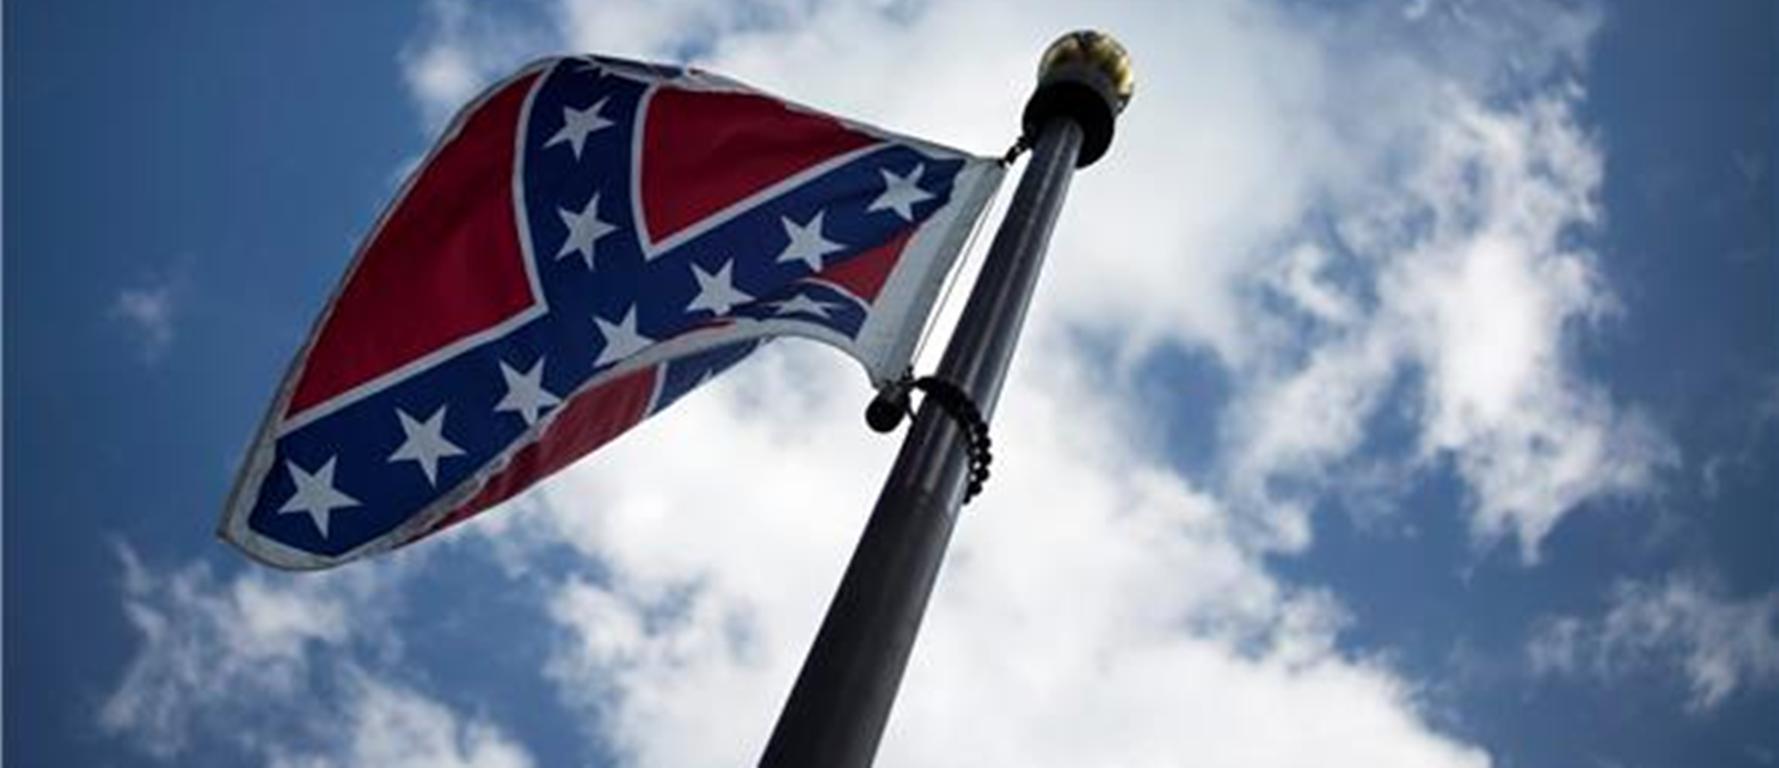 SIMBOL RASISTIČKOG UGNJETAVANJA Aktivist skinuo konfederacijsku zastavu u Južnoj Karolini